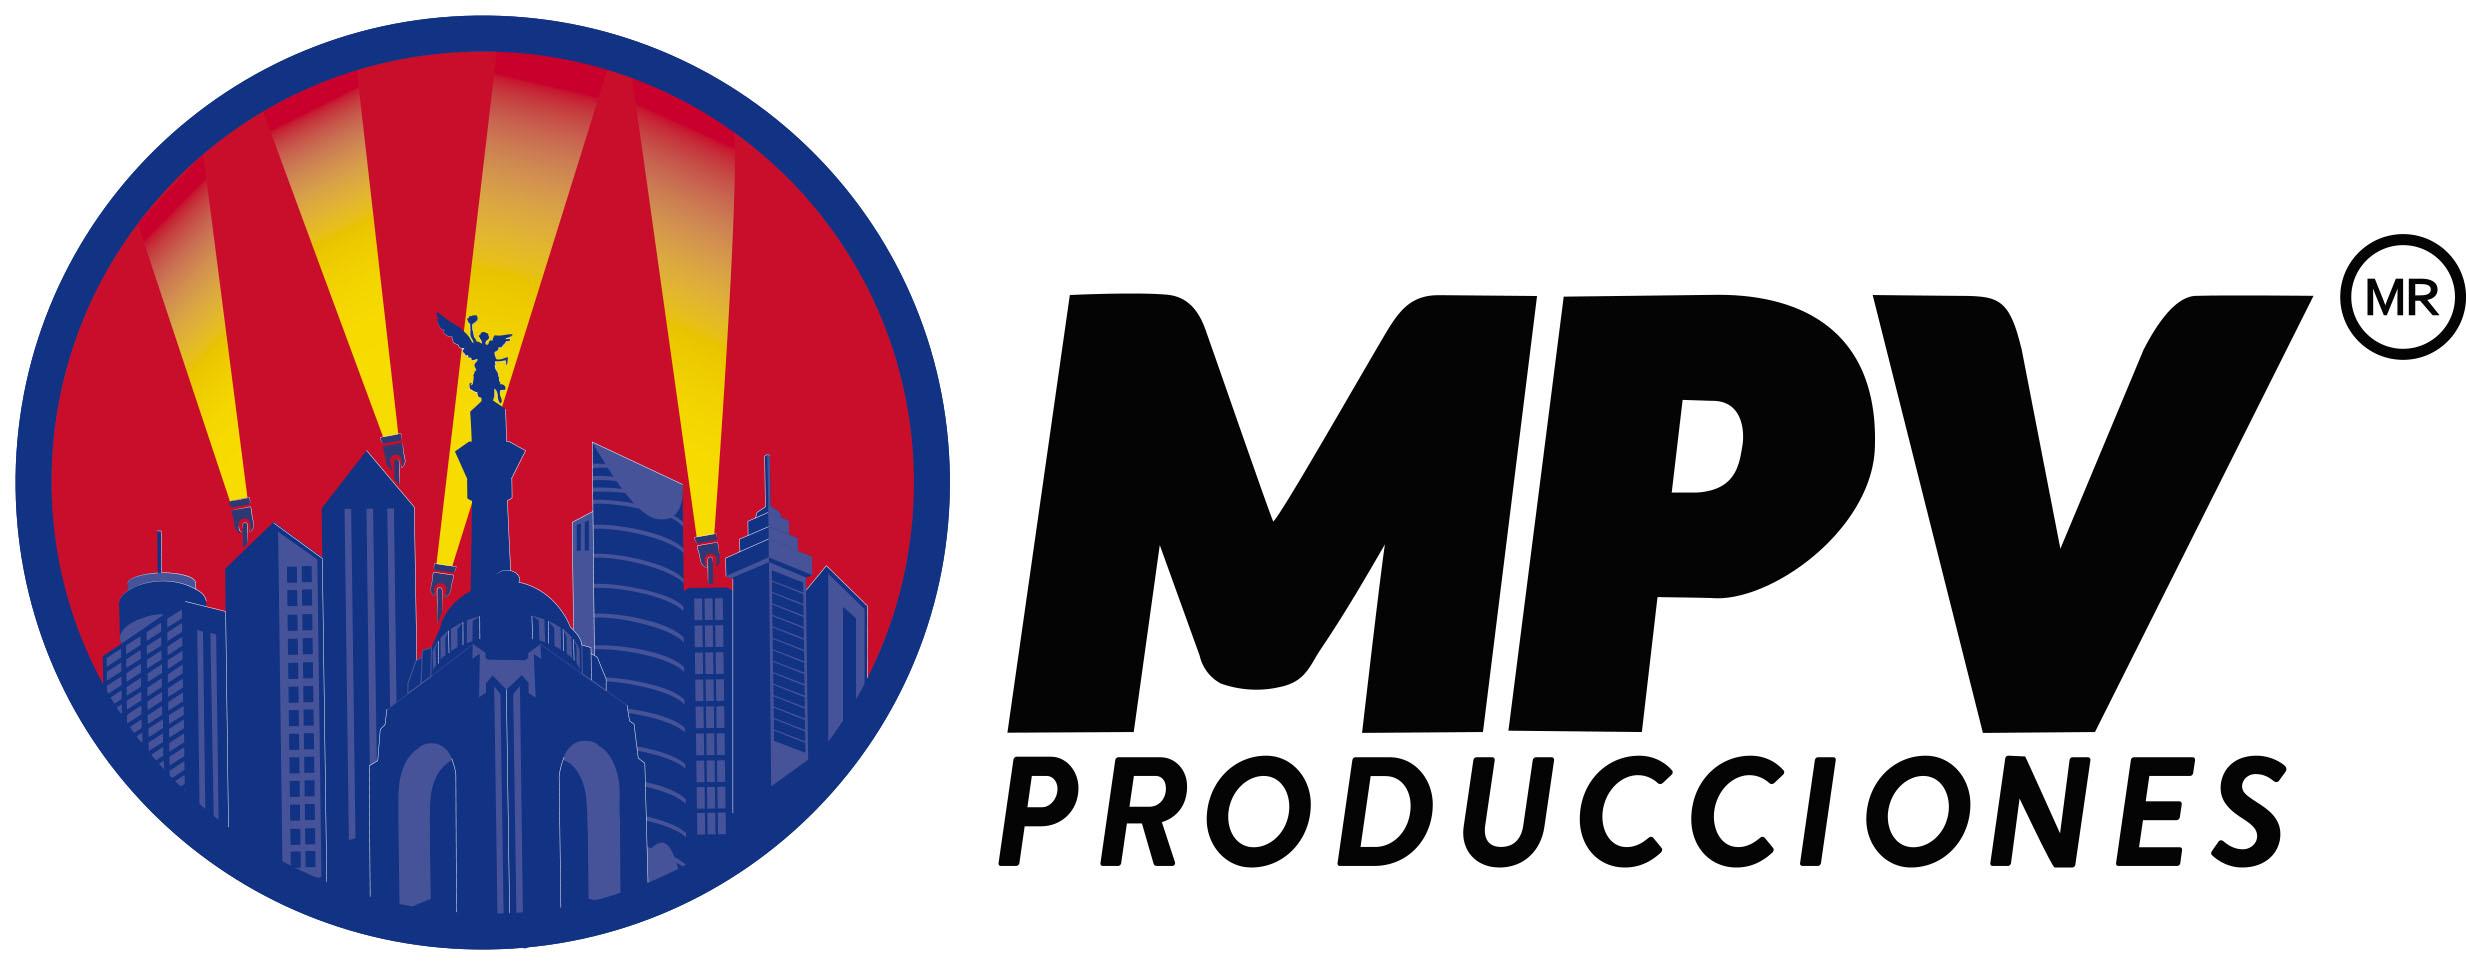 MPV_Producciones_version_fl